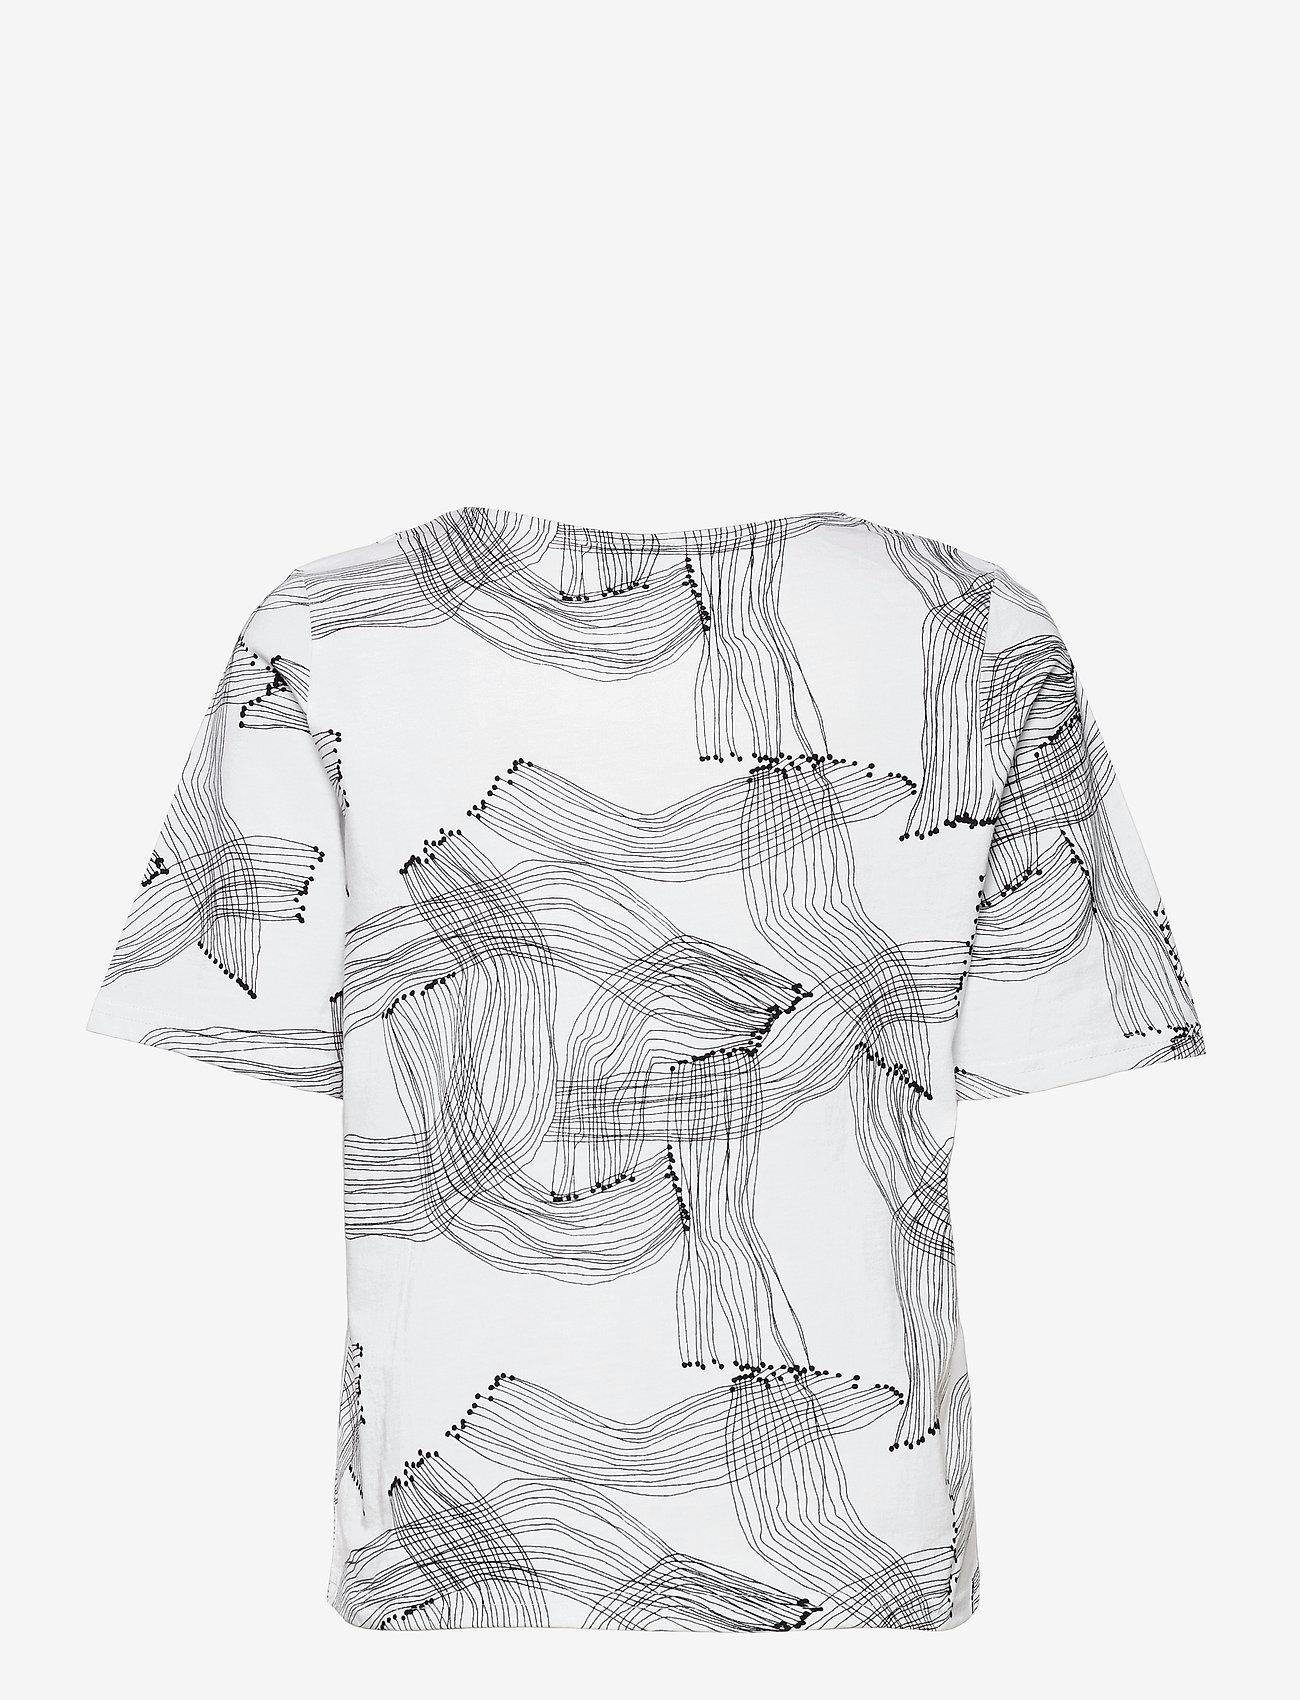 Nanso - Ladies t-shirt, Narunen - t-shirts - black-white - 1